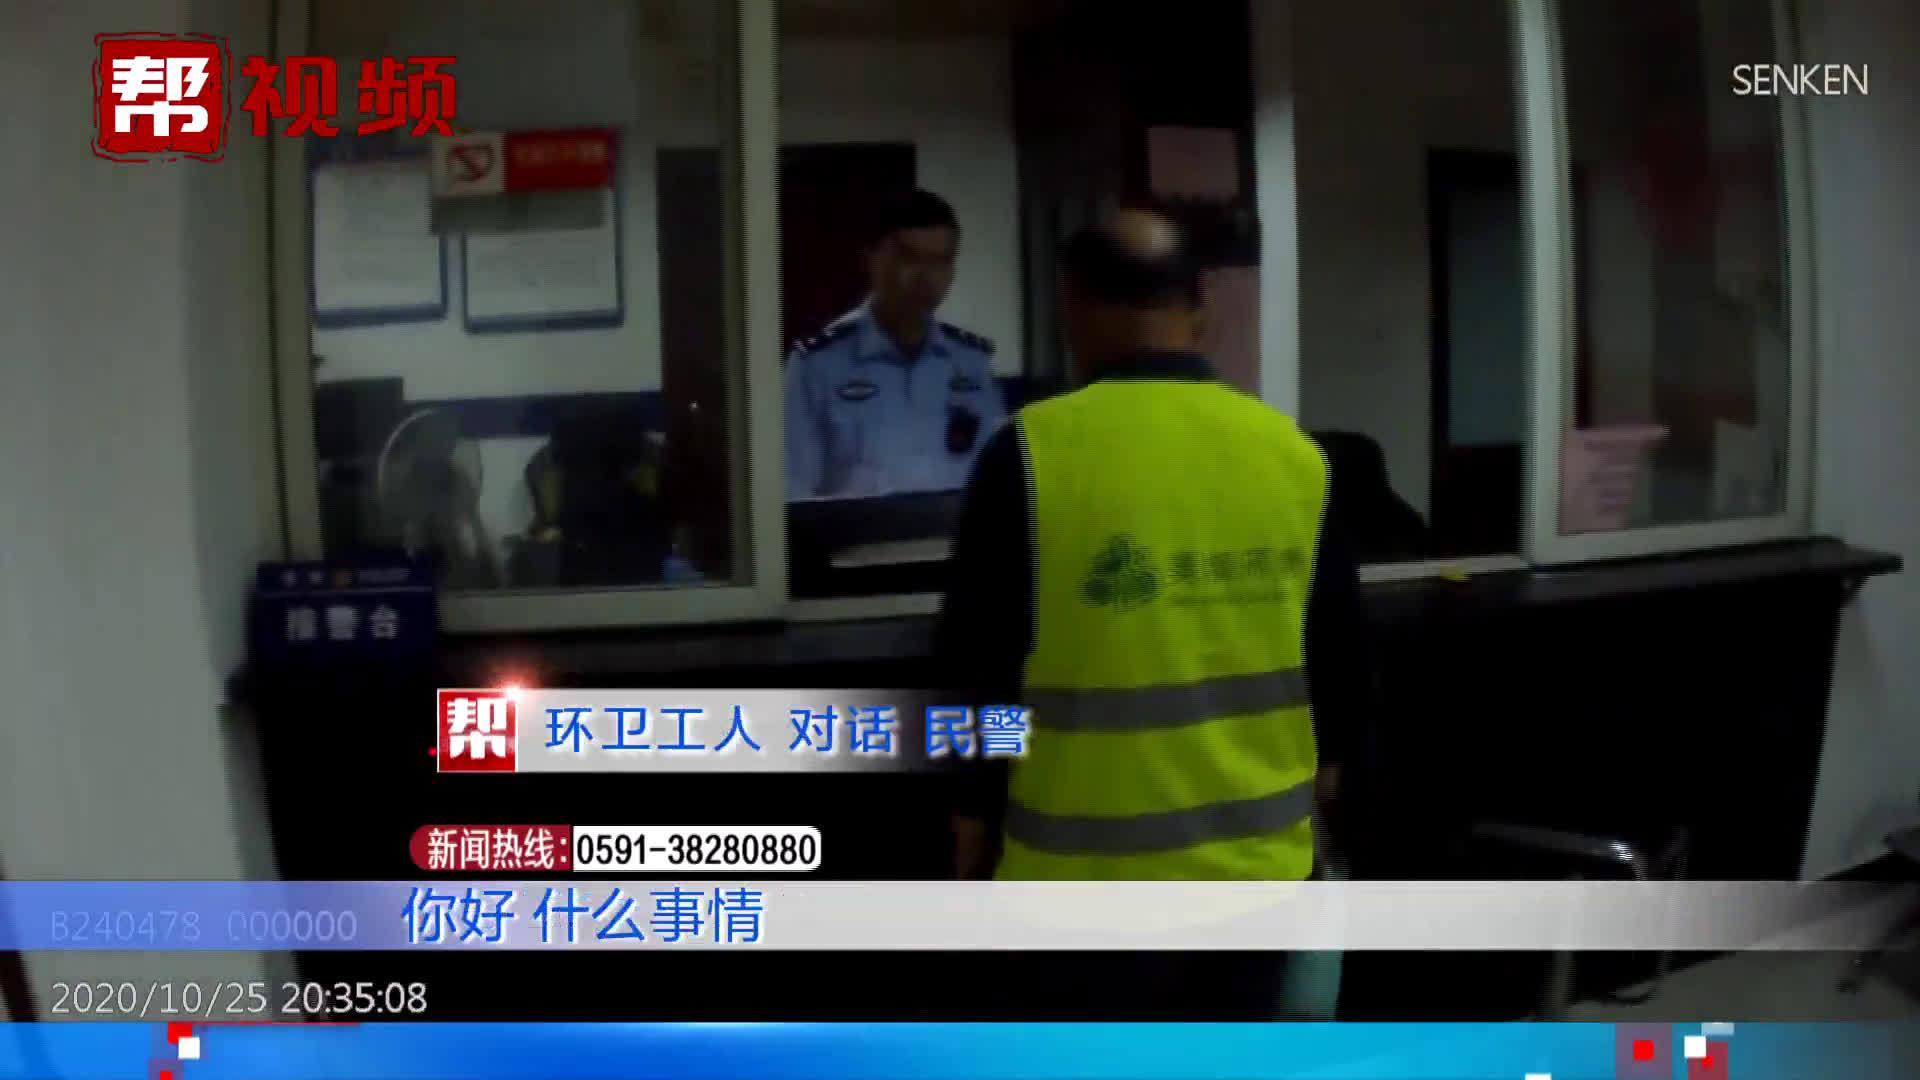 遗失钱款六万多,民警全力寻找时,一位环卫工人走进了派出所